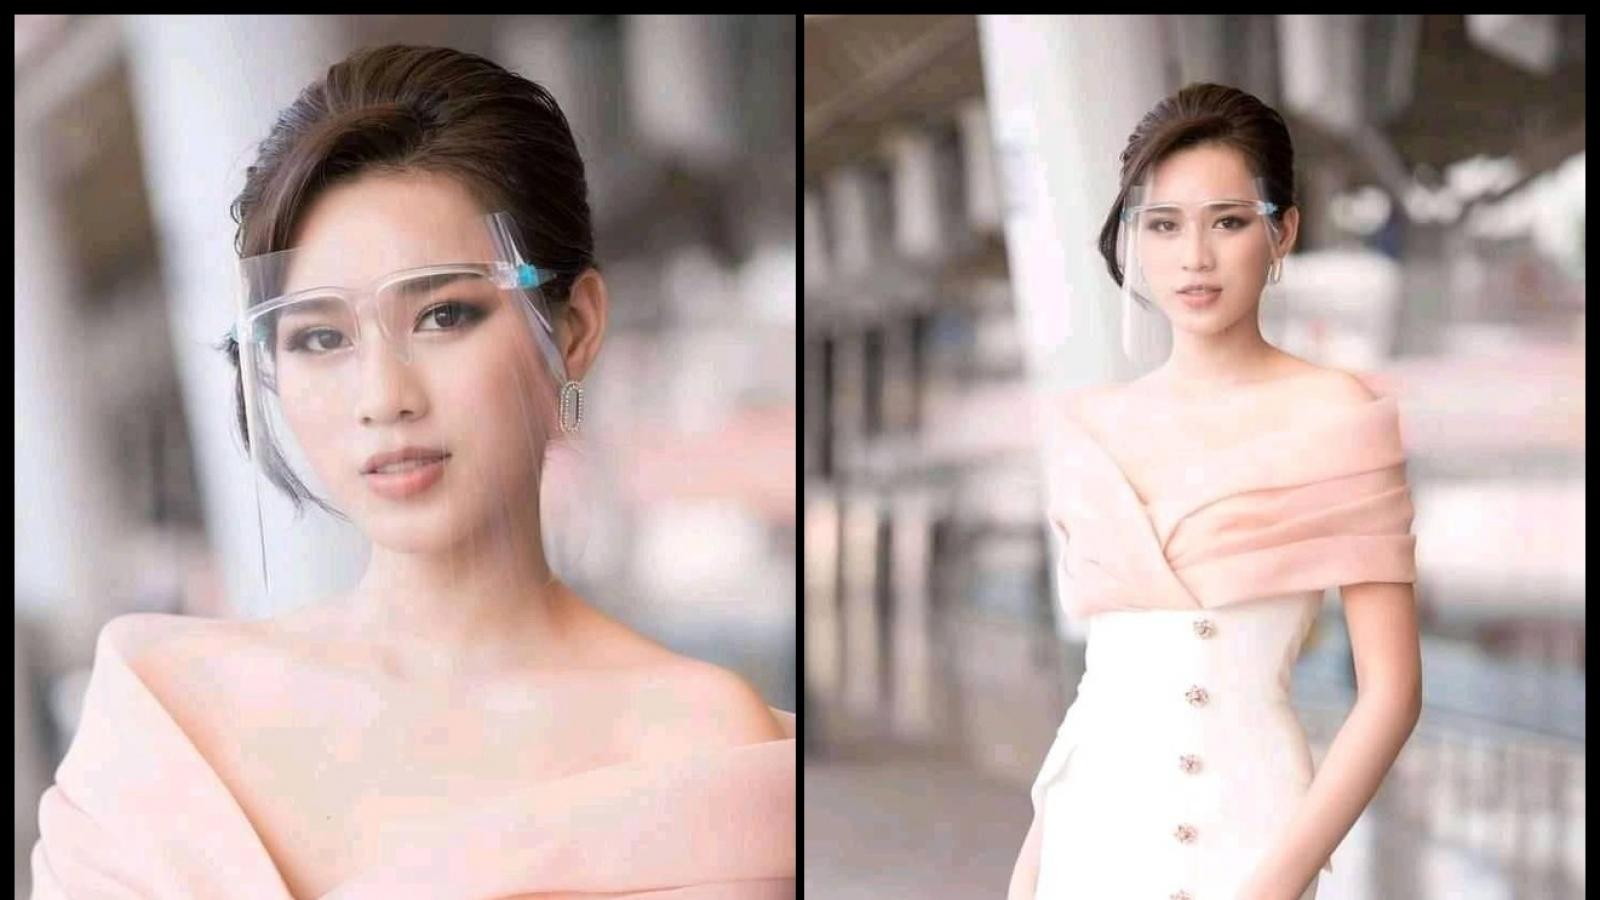 Chuyện showbiz: Hoa hậu Đỗ Thị Hà khoe vai trần gợi cảm và vóc dáng quyến rũ